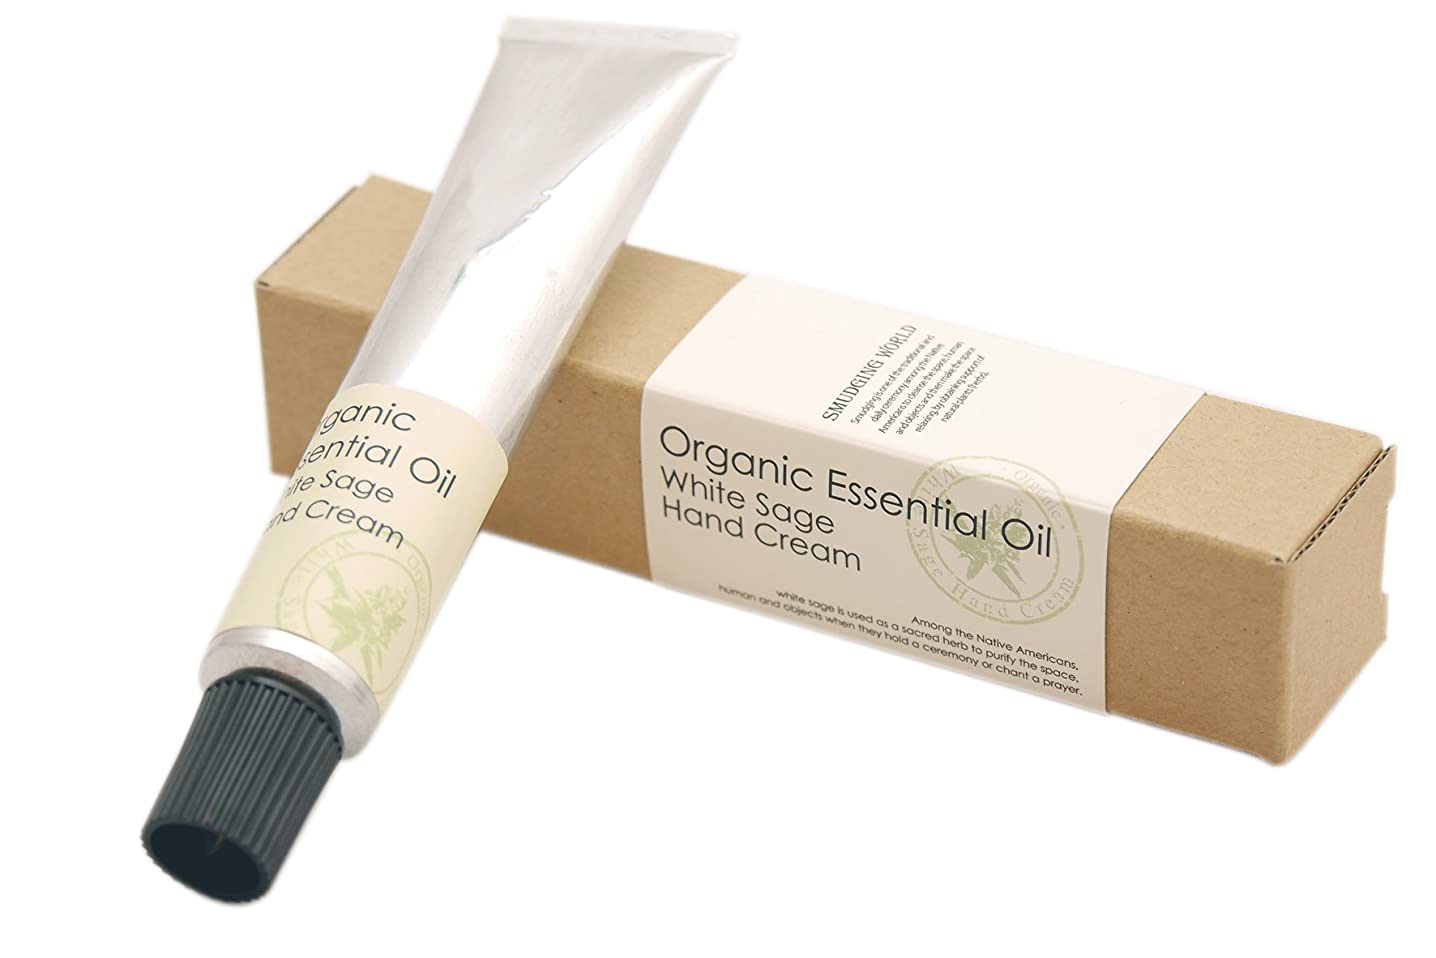 区別する分散ギャラリーアロマレコルト ハンドクリーム ホワイトセージ 【White Sage】 オーガニック エッセンシャルオイル organic essential oil hand cream arome recolte